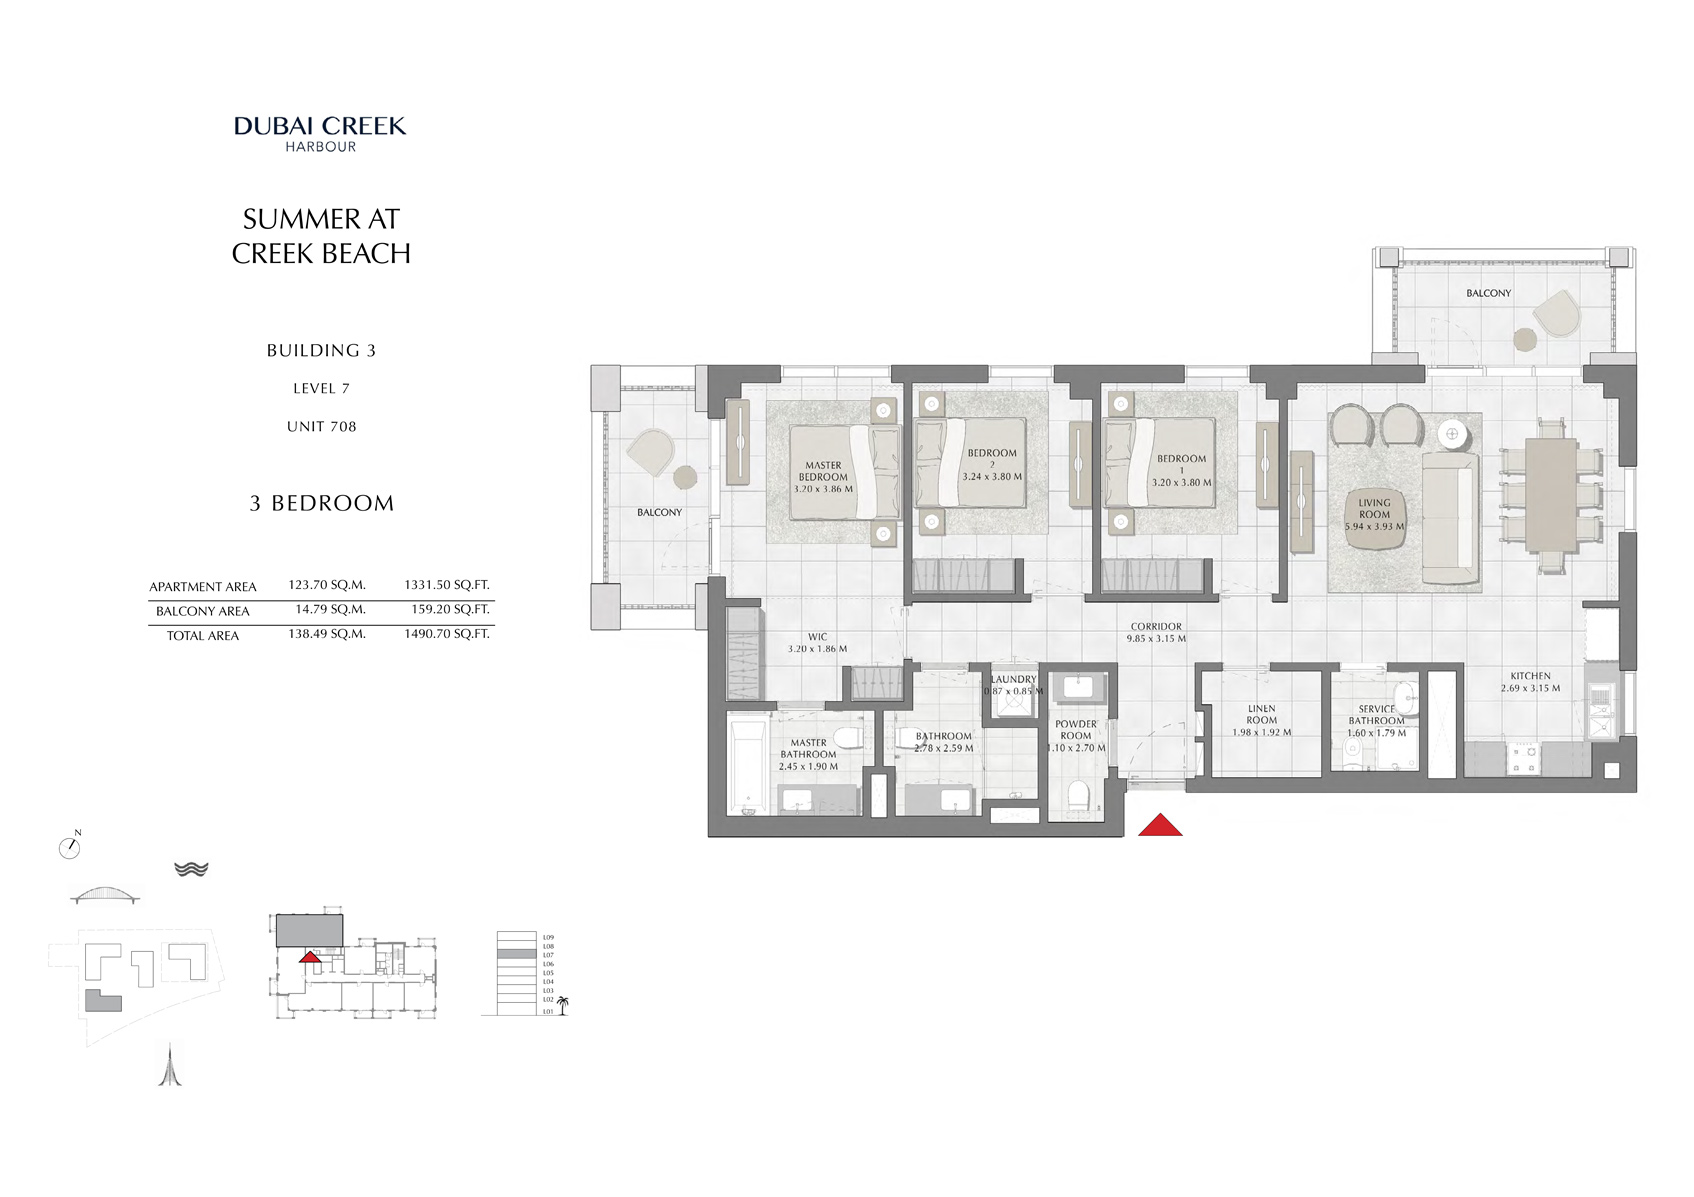 3 Br Building 3 Level 7 Unit 708, Size 1490 Sq Ft